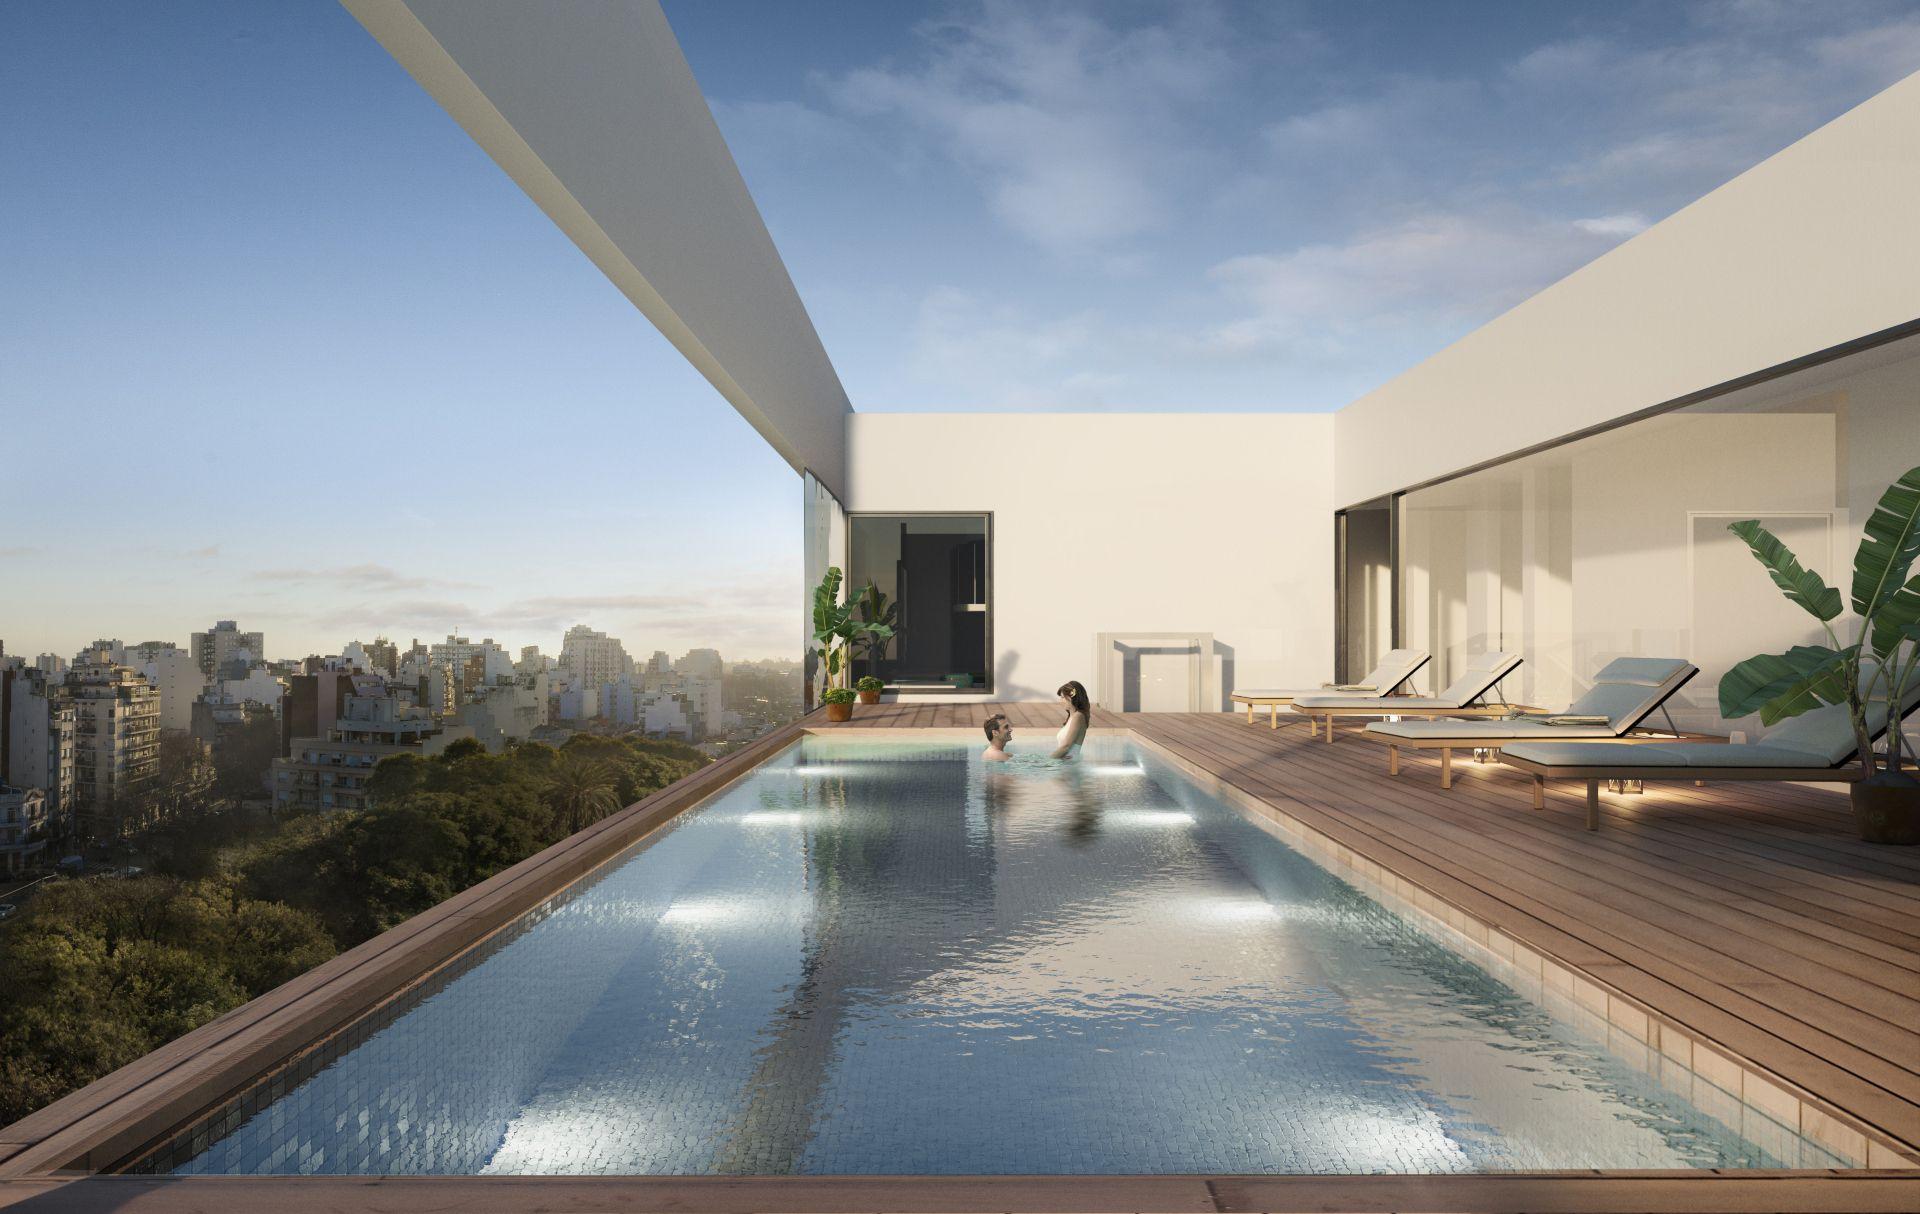 La piscina del edificio tendrá una amplia vista a la Plaza 24 de Septiembre